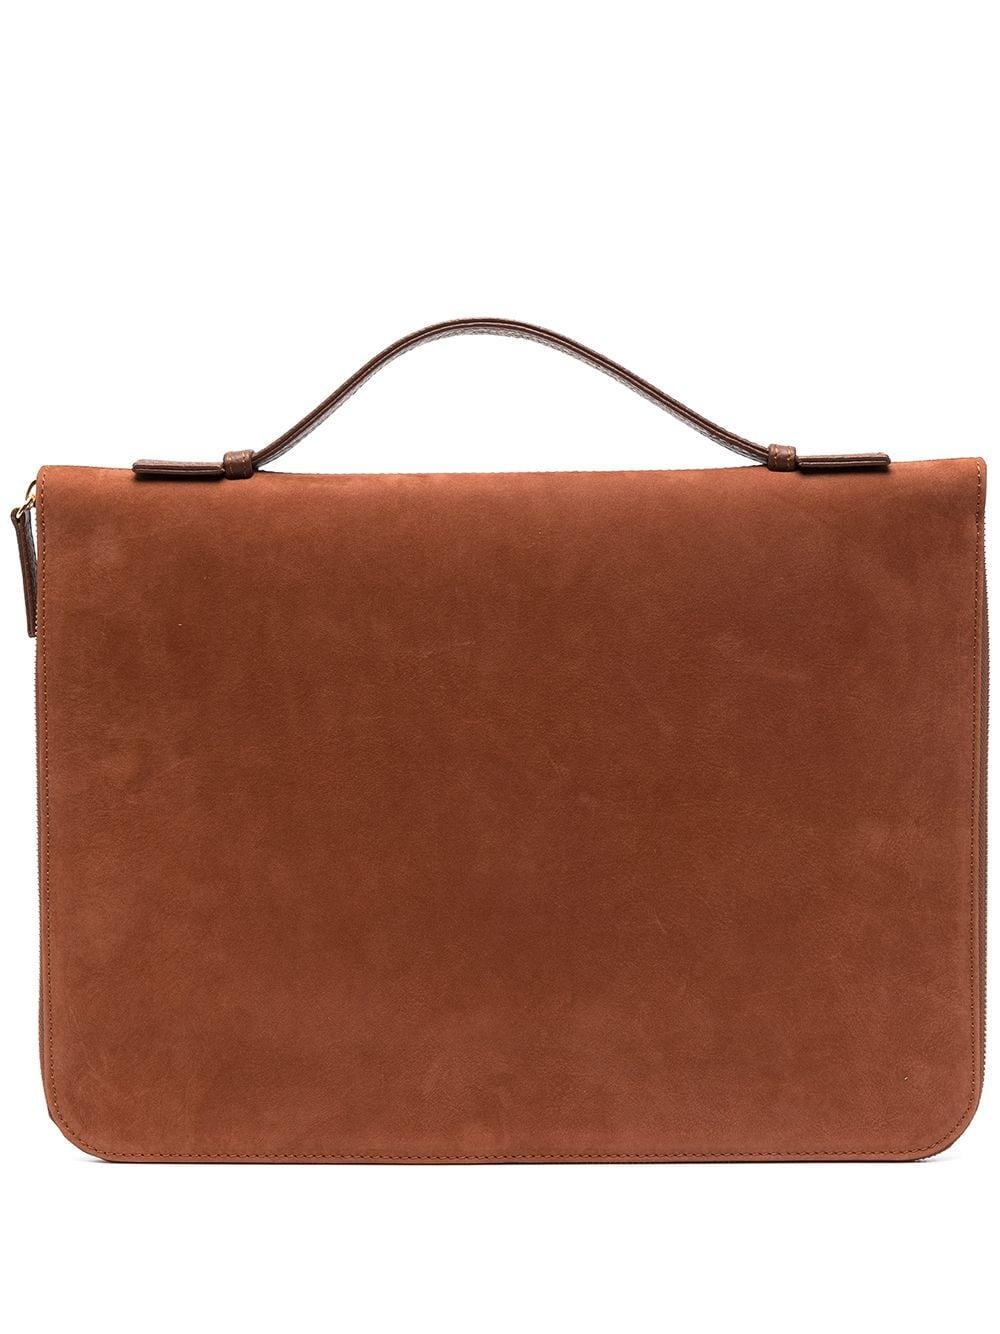 Eleventy Laptoptasche aus Hirschleder - Braun